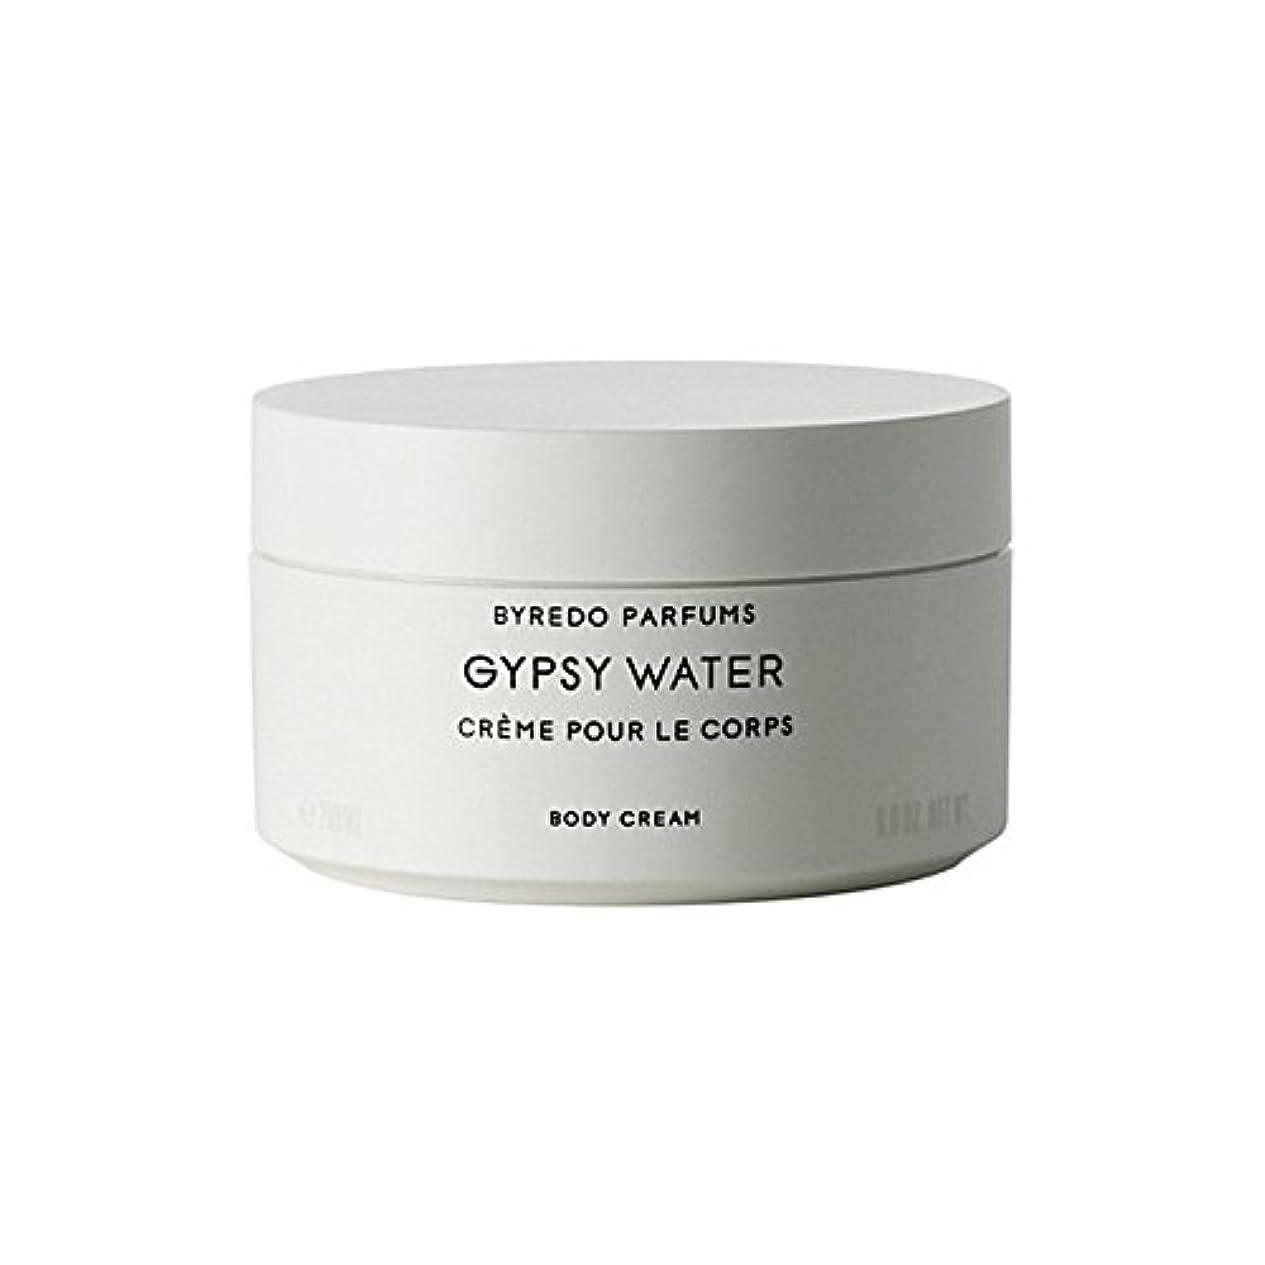 凝視不利益傑作Byredo Gypsy Water Body Cream 200ml - ジプシー水ボディクリーム200ミリリットル [並行輸入品]